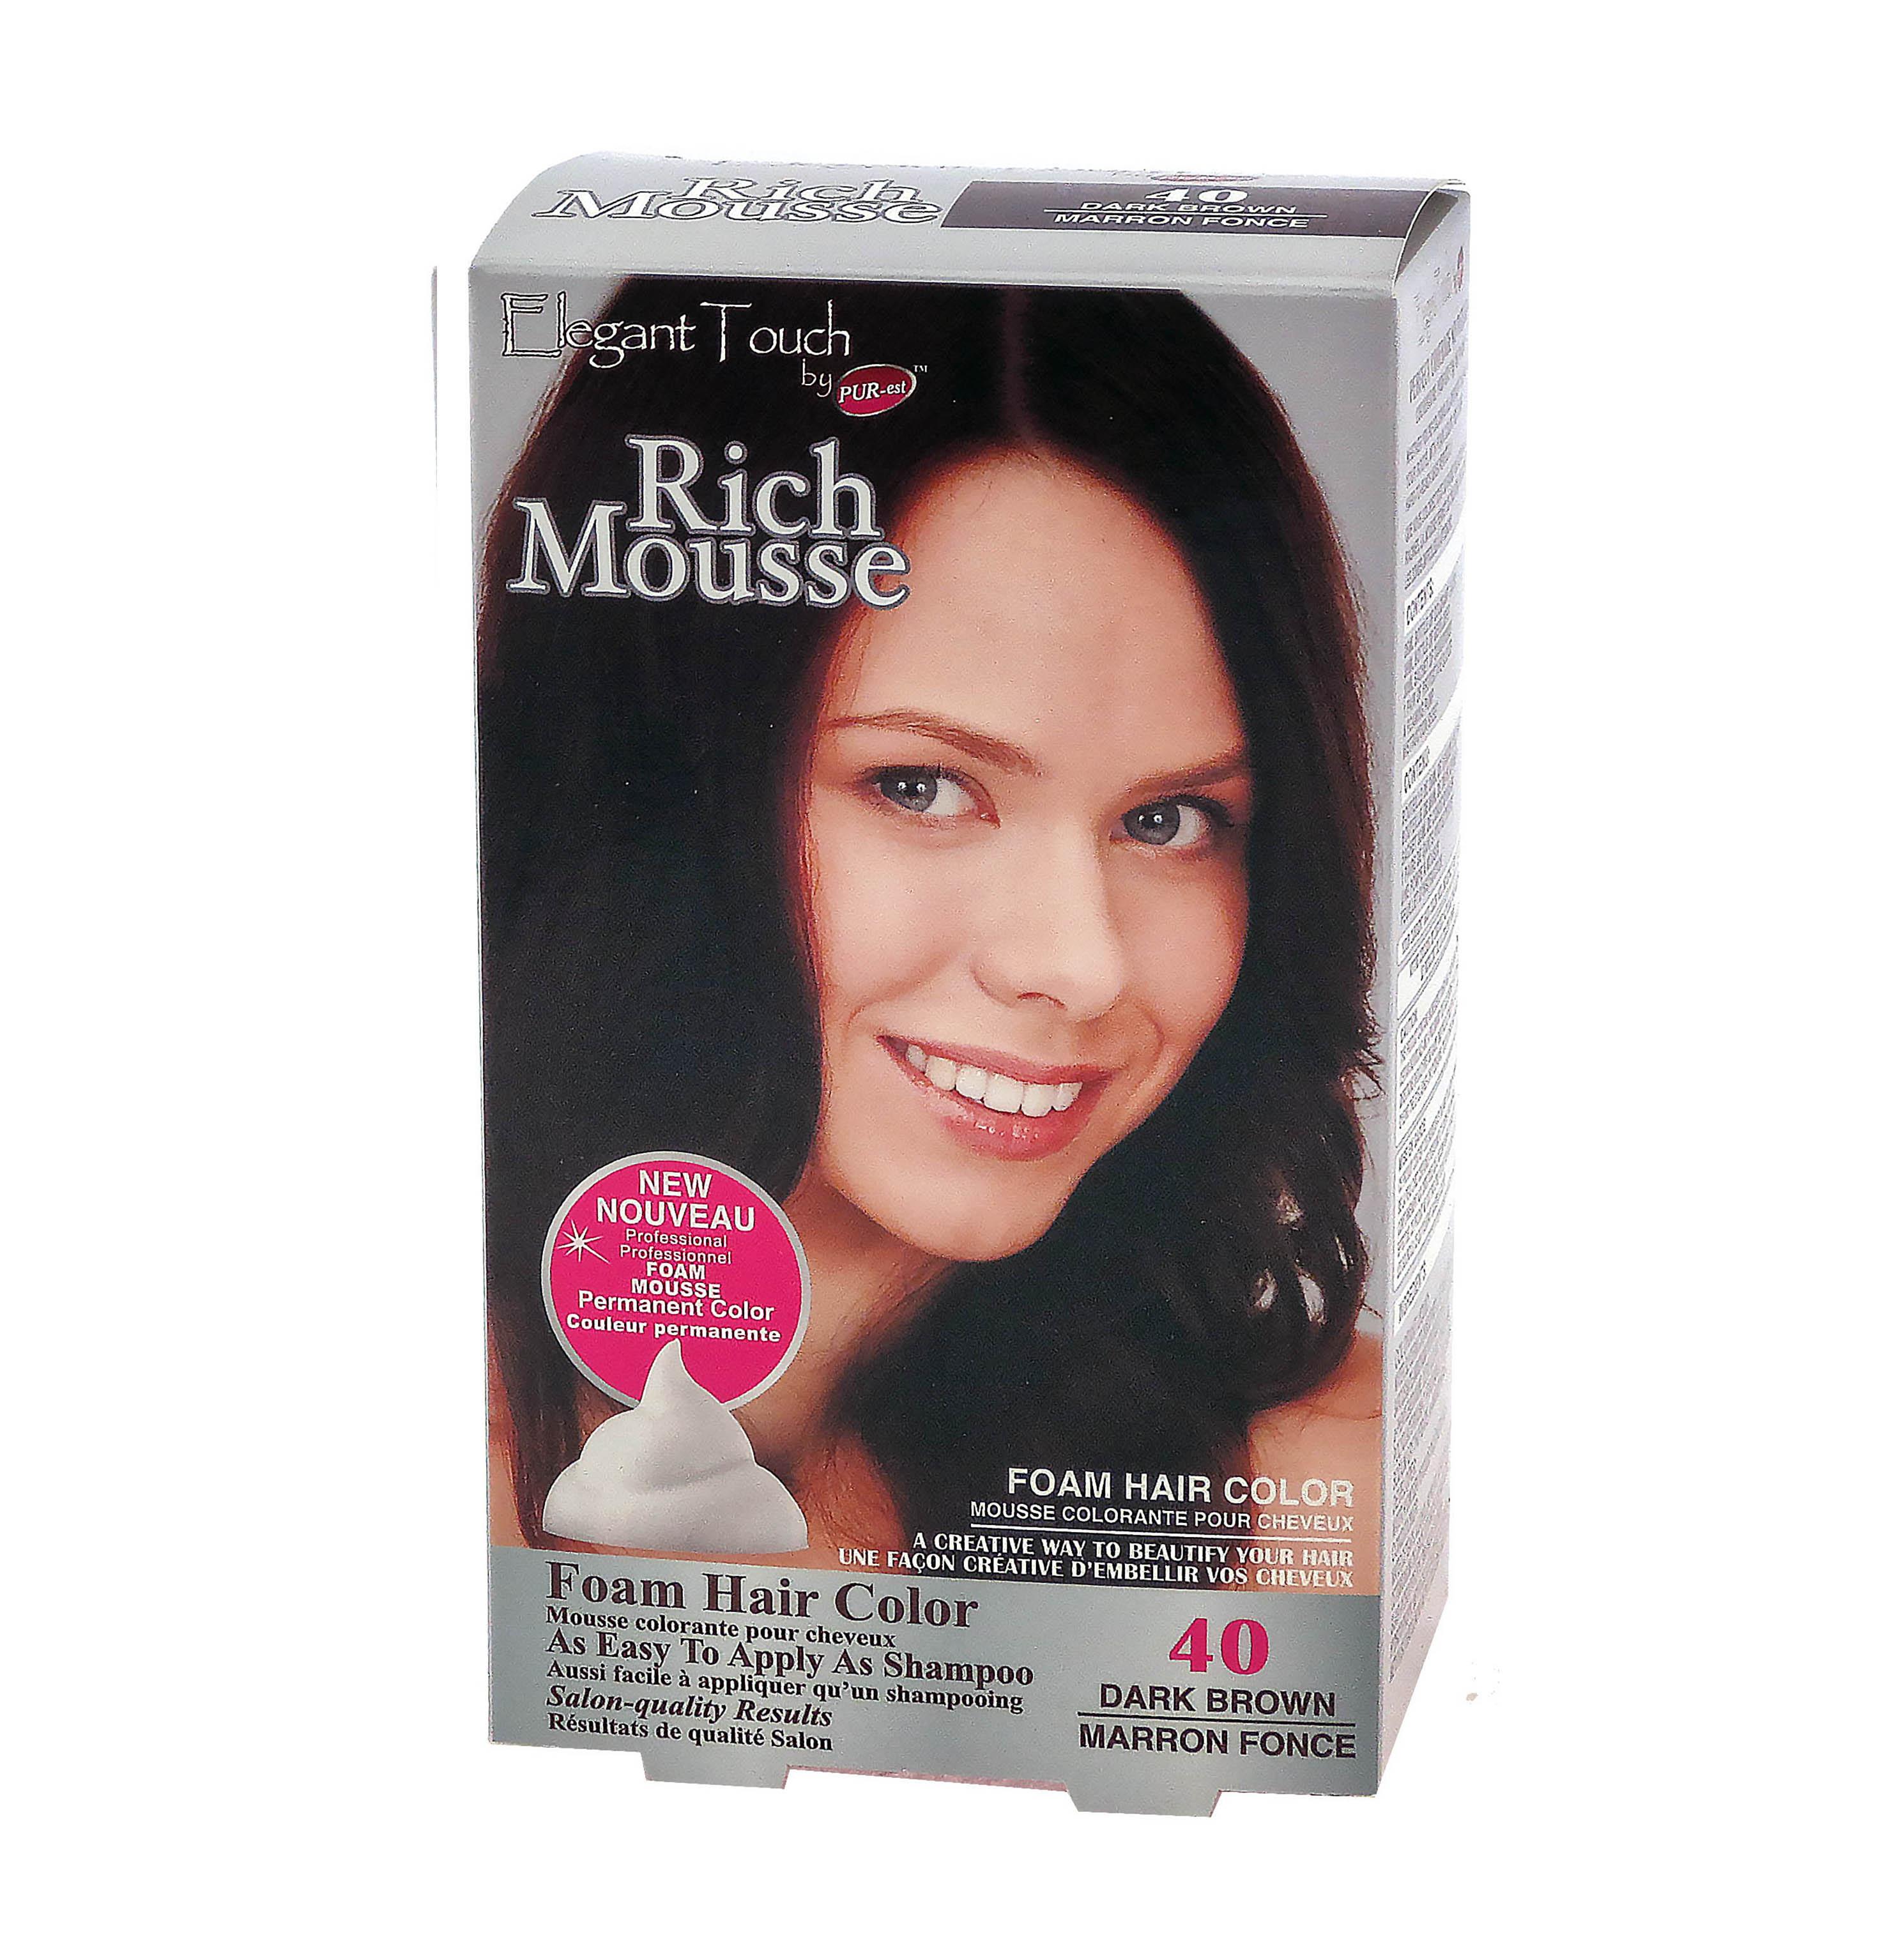 Foam Hair Color Rich Mousse Dark Brown #40, Elegant Touch by PUR-est